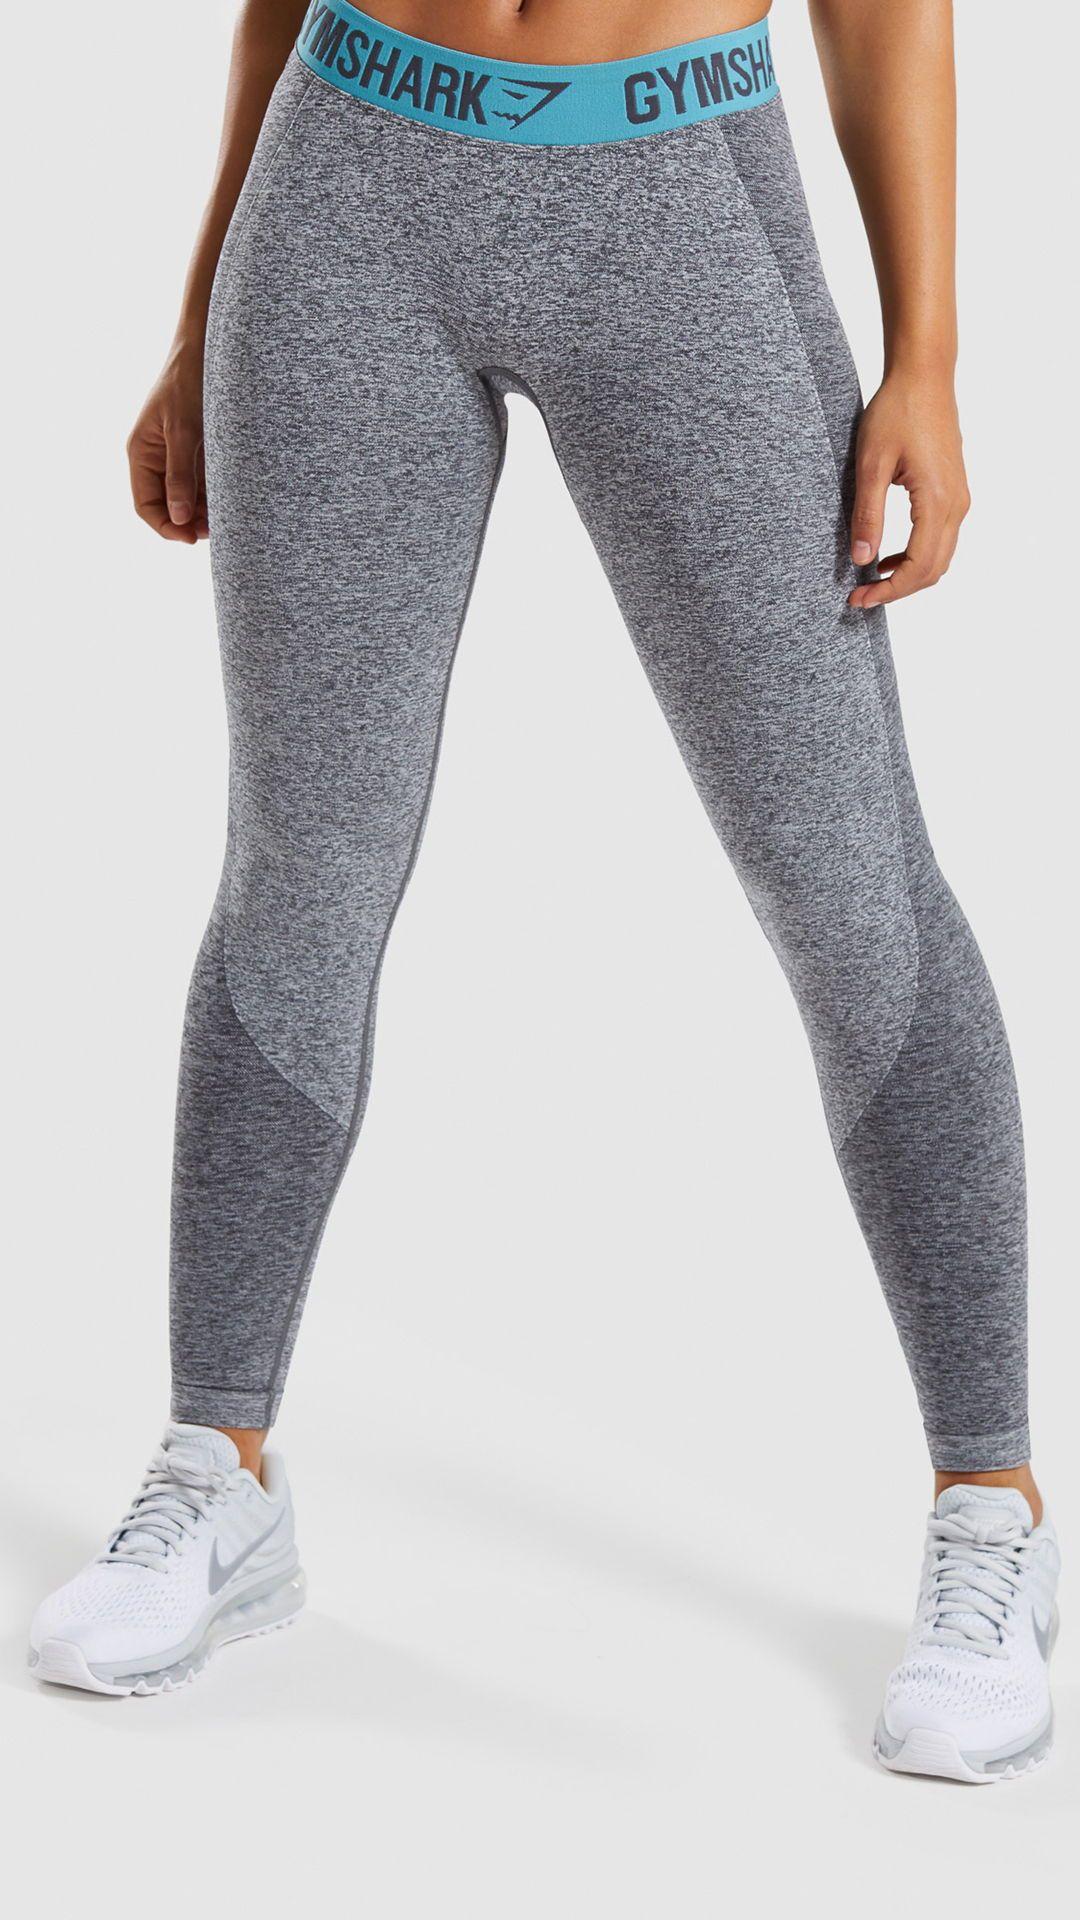 9134c13dd4cda Gymshark Flex Cropped Leggings Charcoal MarlDusky Teal in